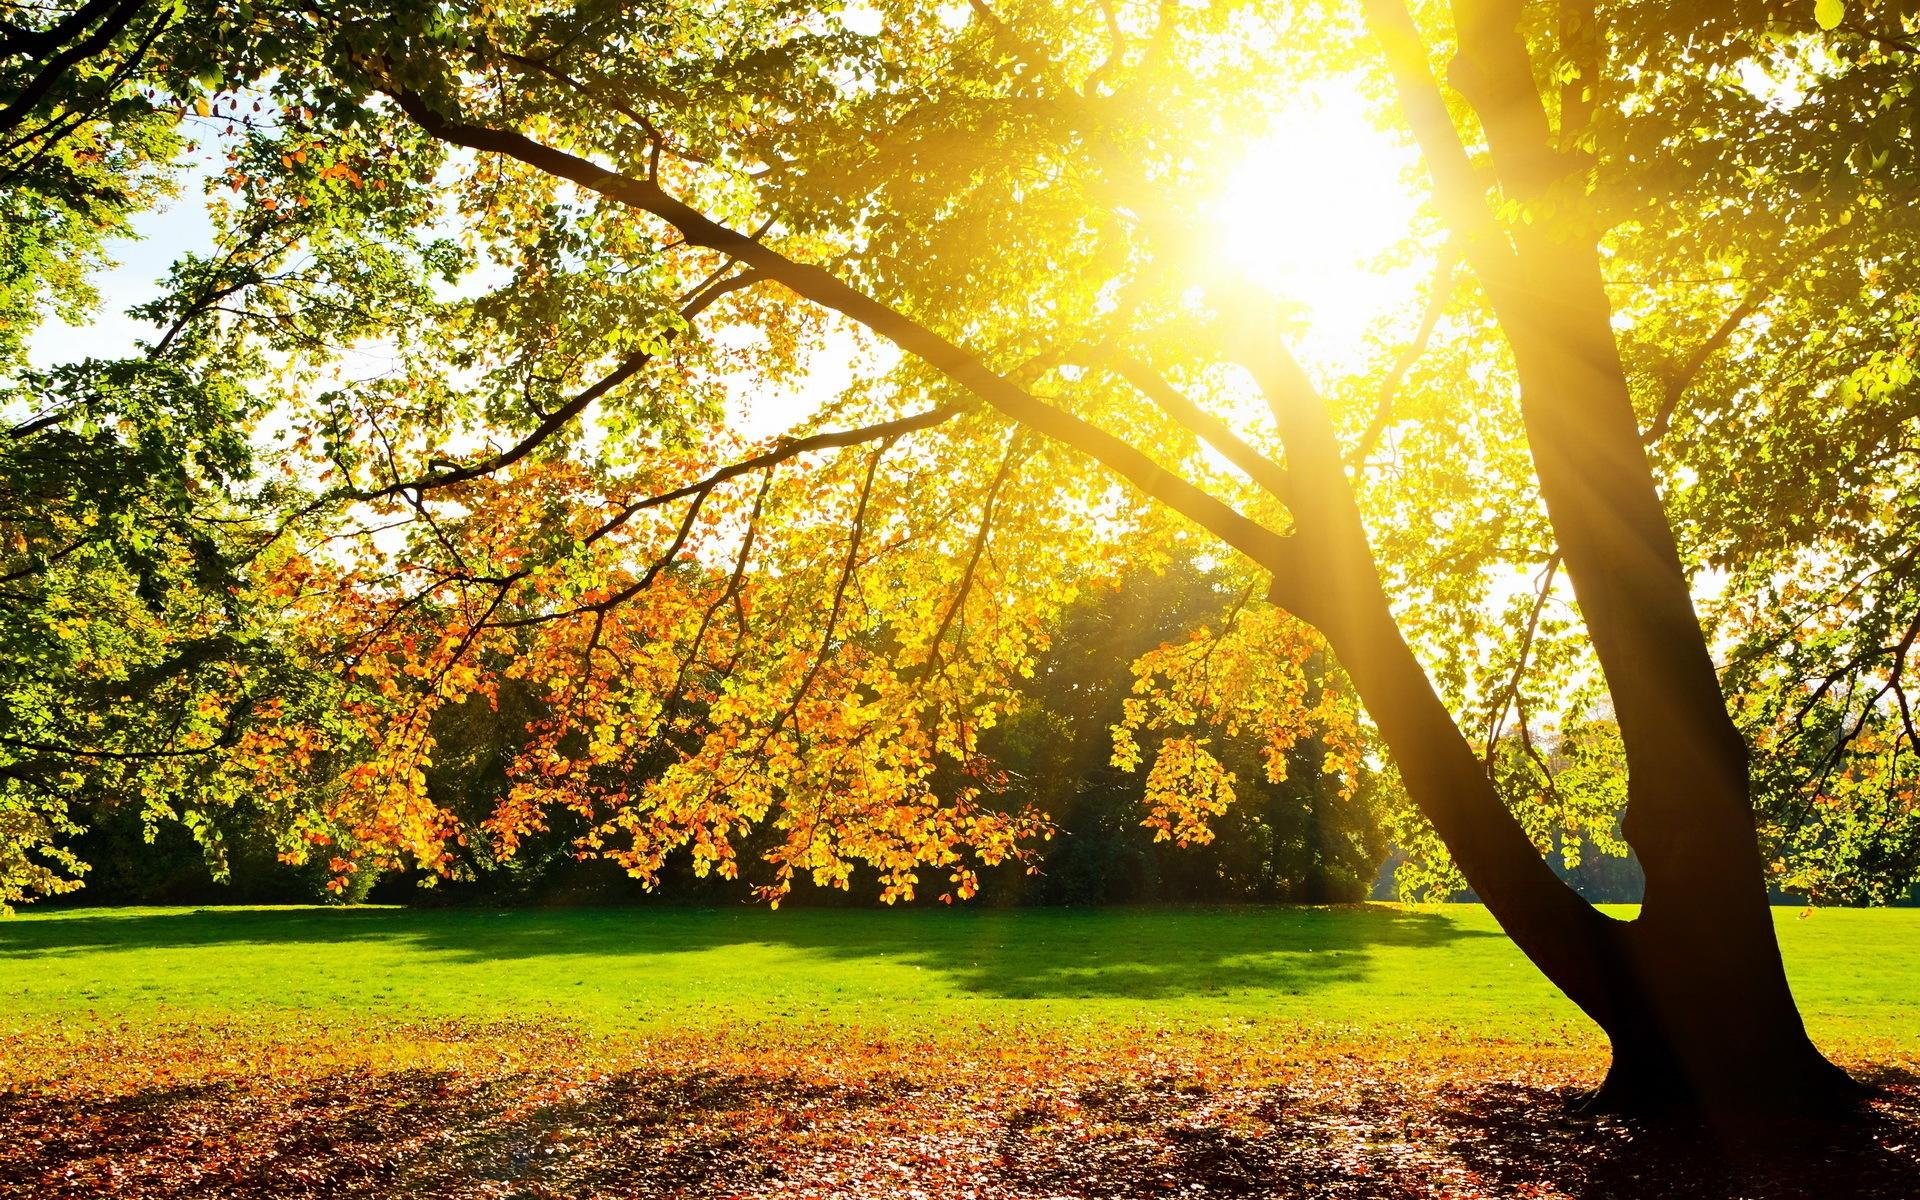 осенний солнечный день фото